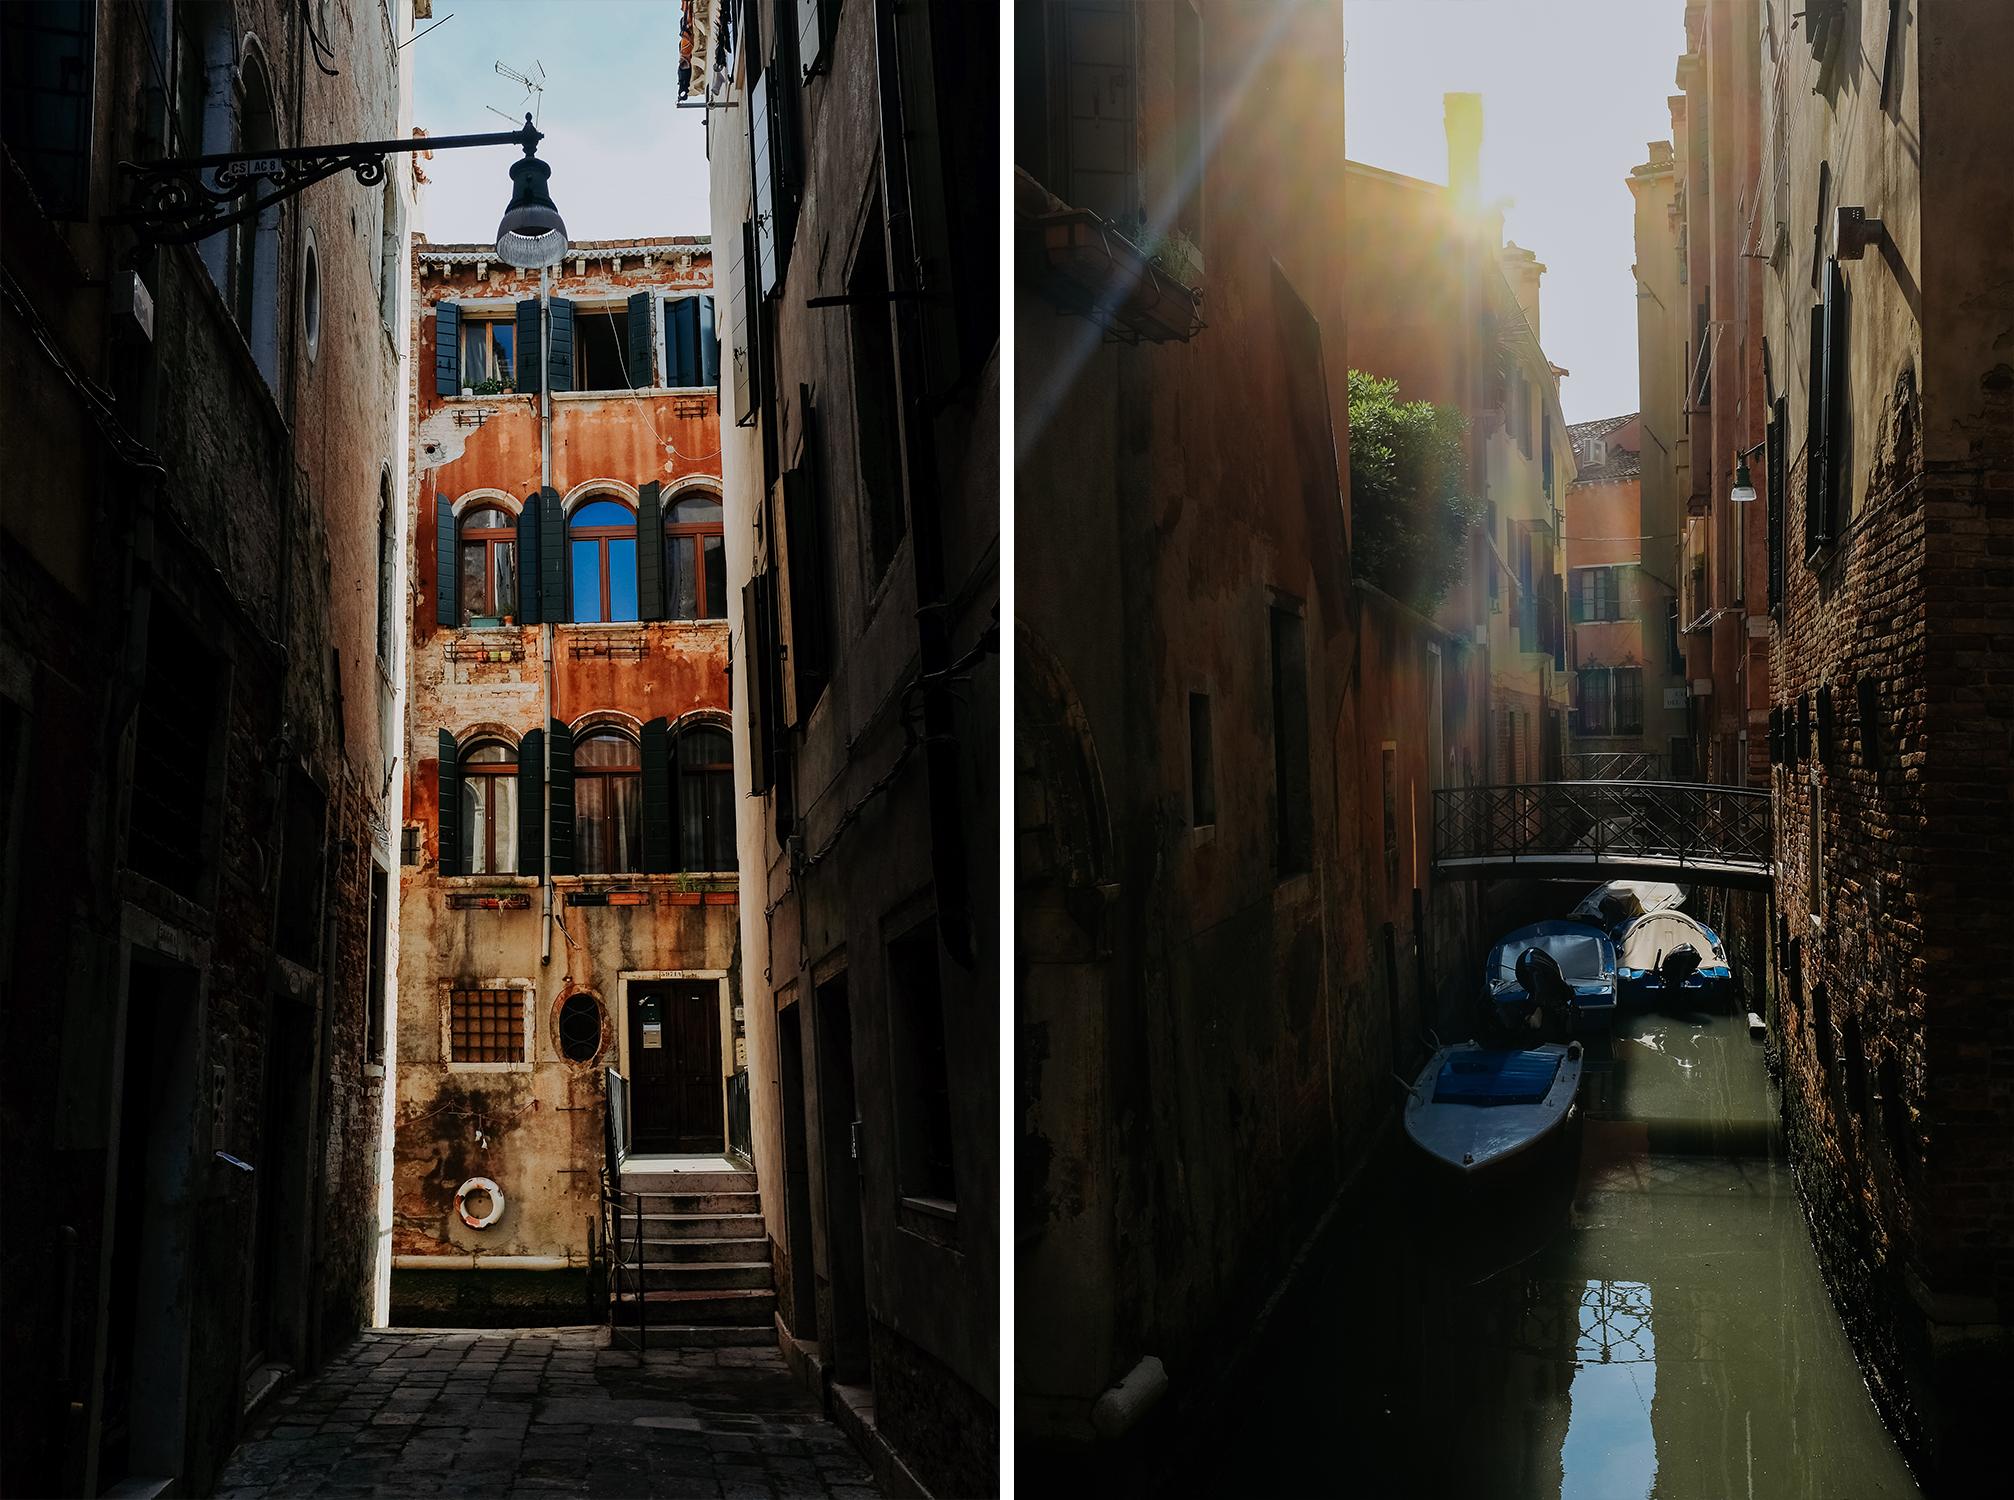 Always this Late + Licht + Venedig = Für immer in meiner Erinnerung